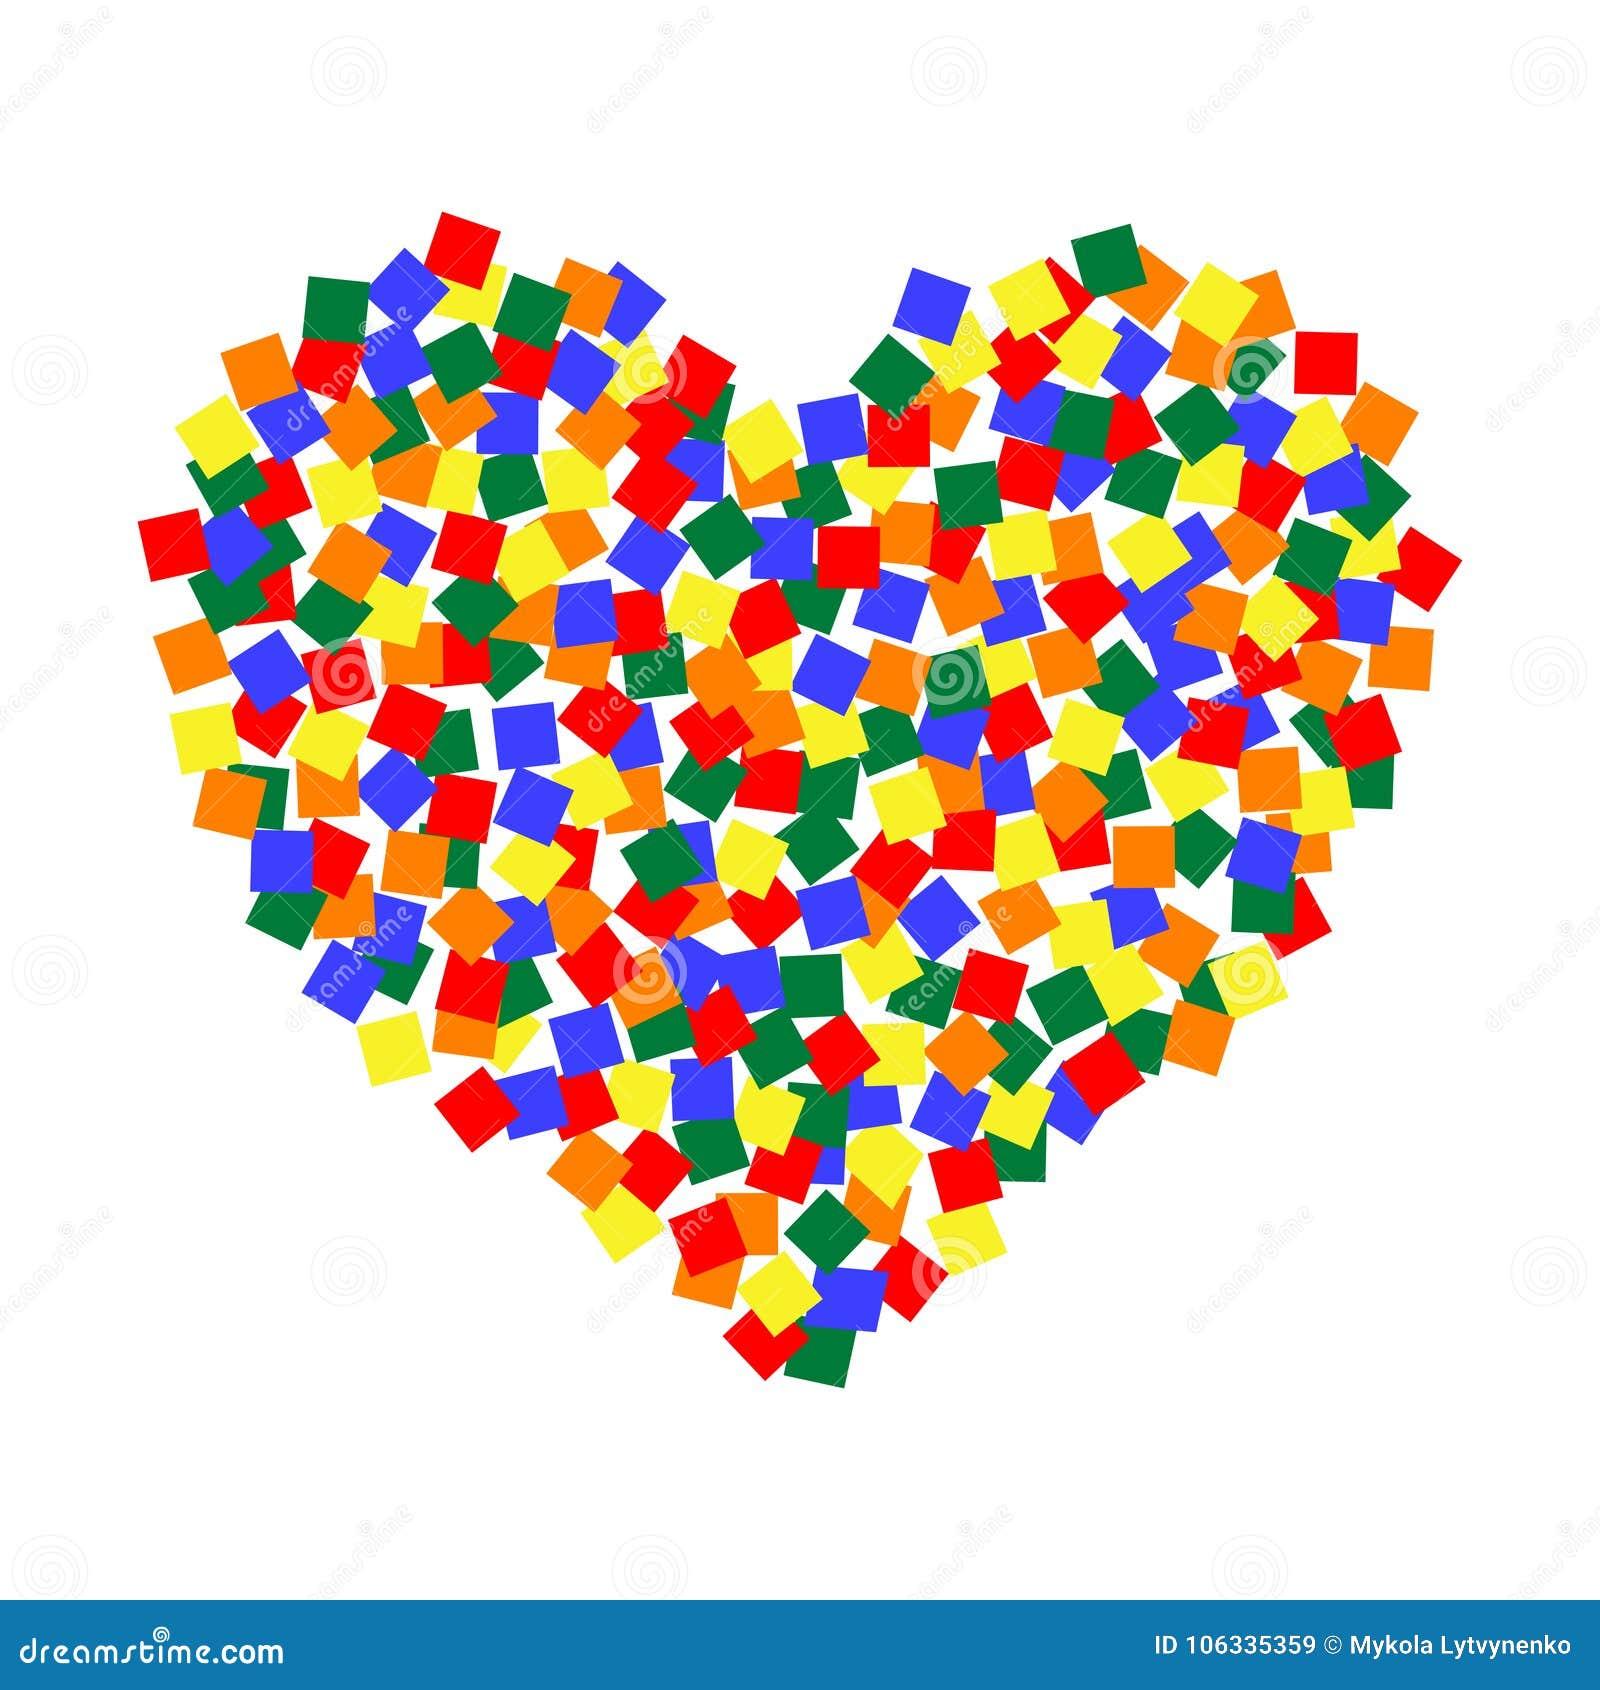 Art De Pixel De Couleur Du Coeur Lgbt Forme Multicolore De Coeur De Sticket De Places De La Communaute Du Vecteur Lgbt Illustration De Vecteur Illustration Du Coeur Vecteur 106335359